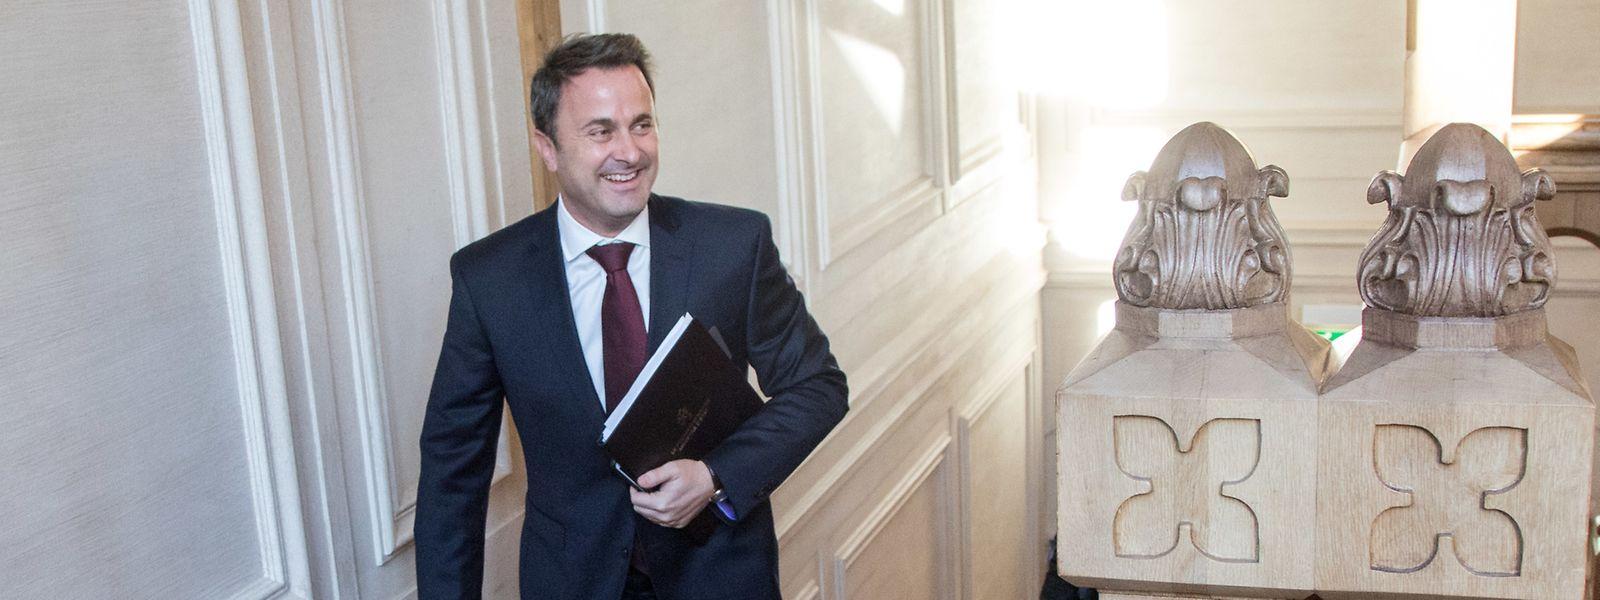 Premier Xavier Bettel auf dem Weg ins Plenum. In seiner Regierungserklärung skizzierte er am 11. Dezember die Regierungsarbeit für die nächsten fünf Jahre.